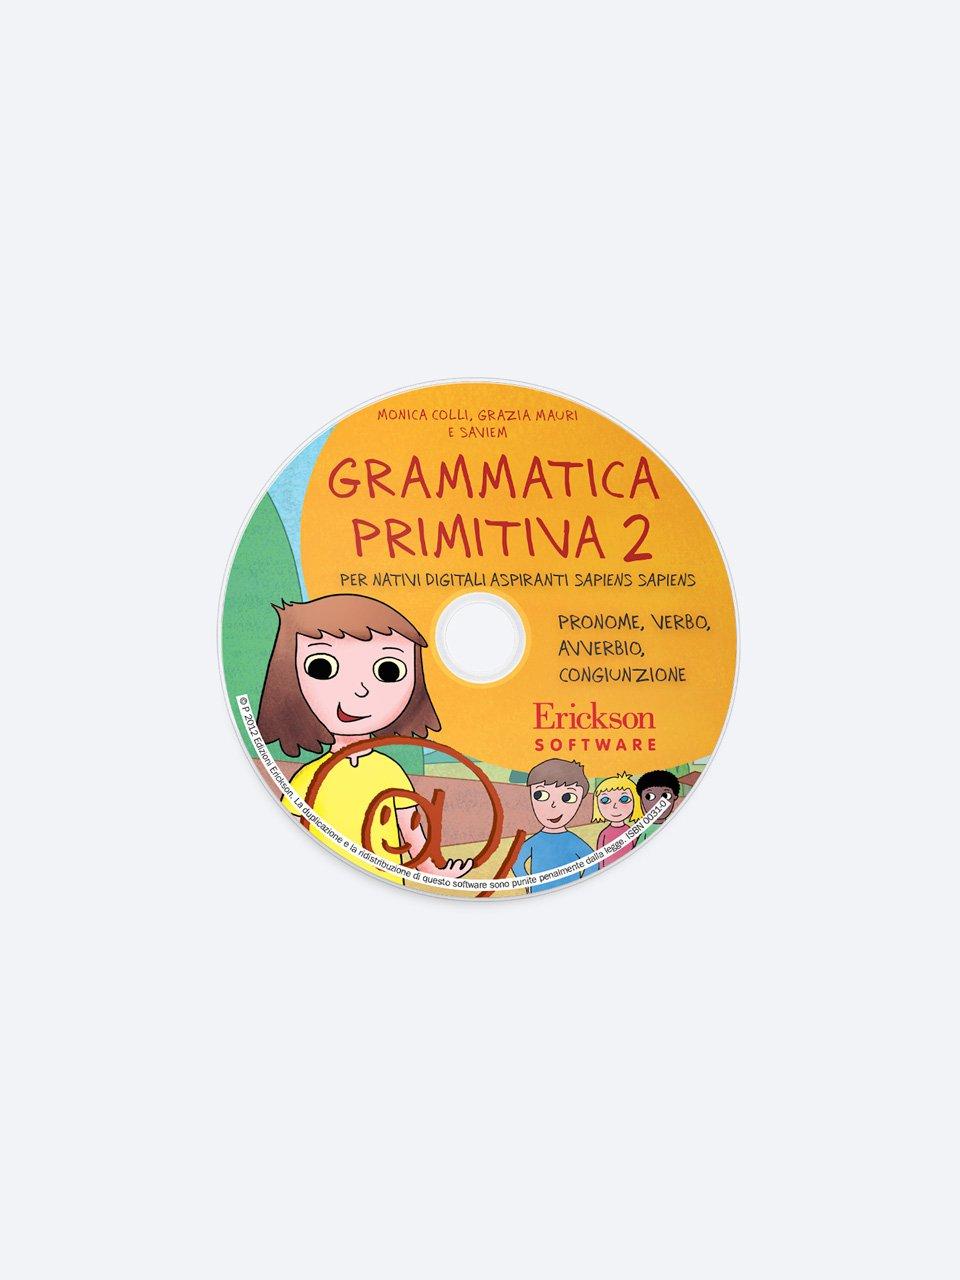 Grammatica primitiva - Volume 2 - Giocadomino - Sinonimi - Giochi - Erickson 2